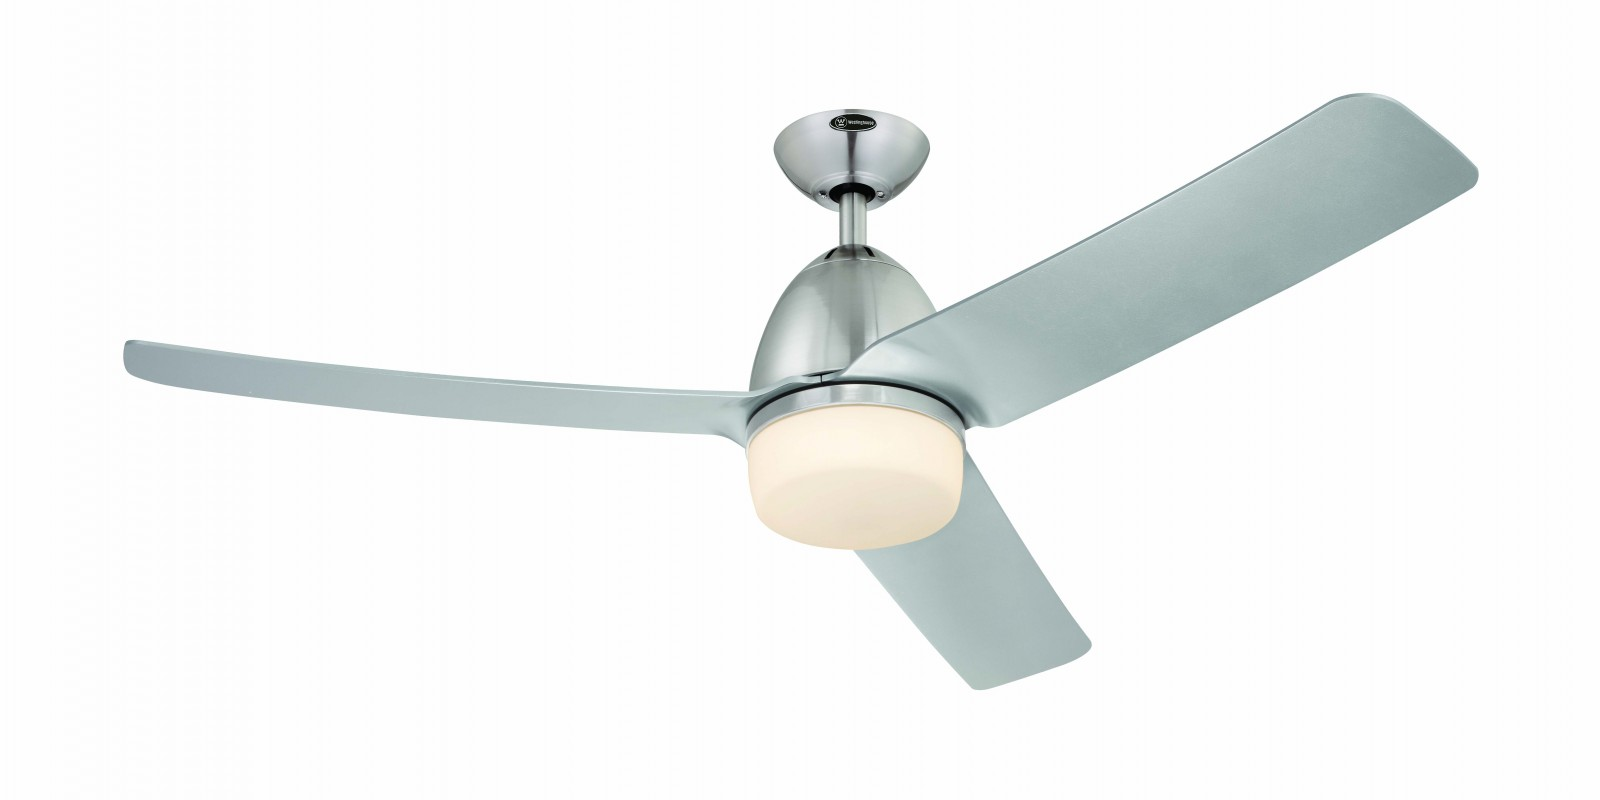 Westinghouse ventilateur de plafond basse consommation - Ventilateur de plafond westinghouse ...